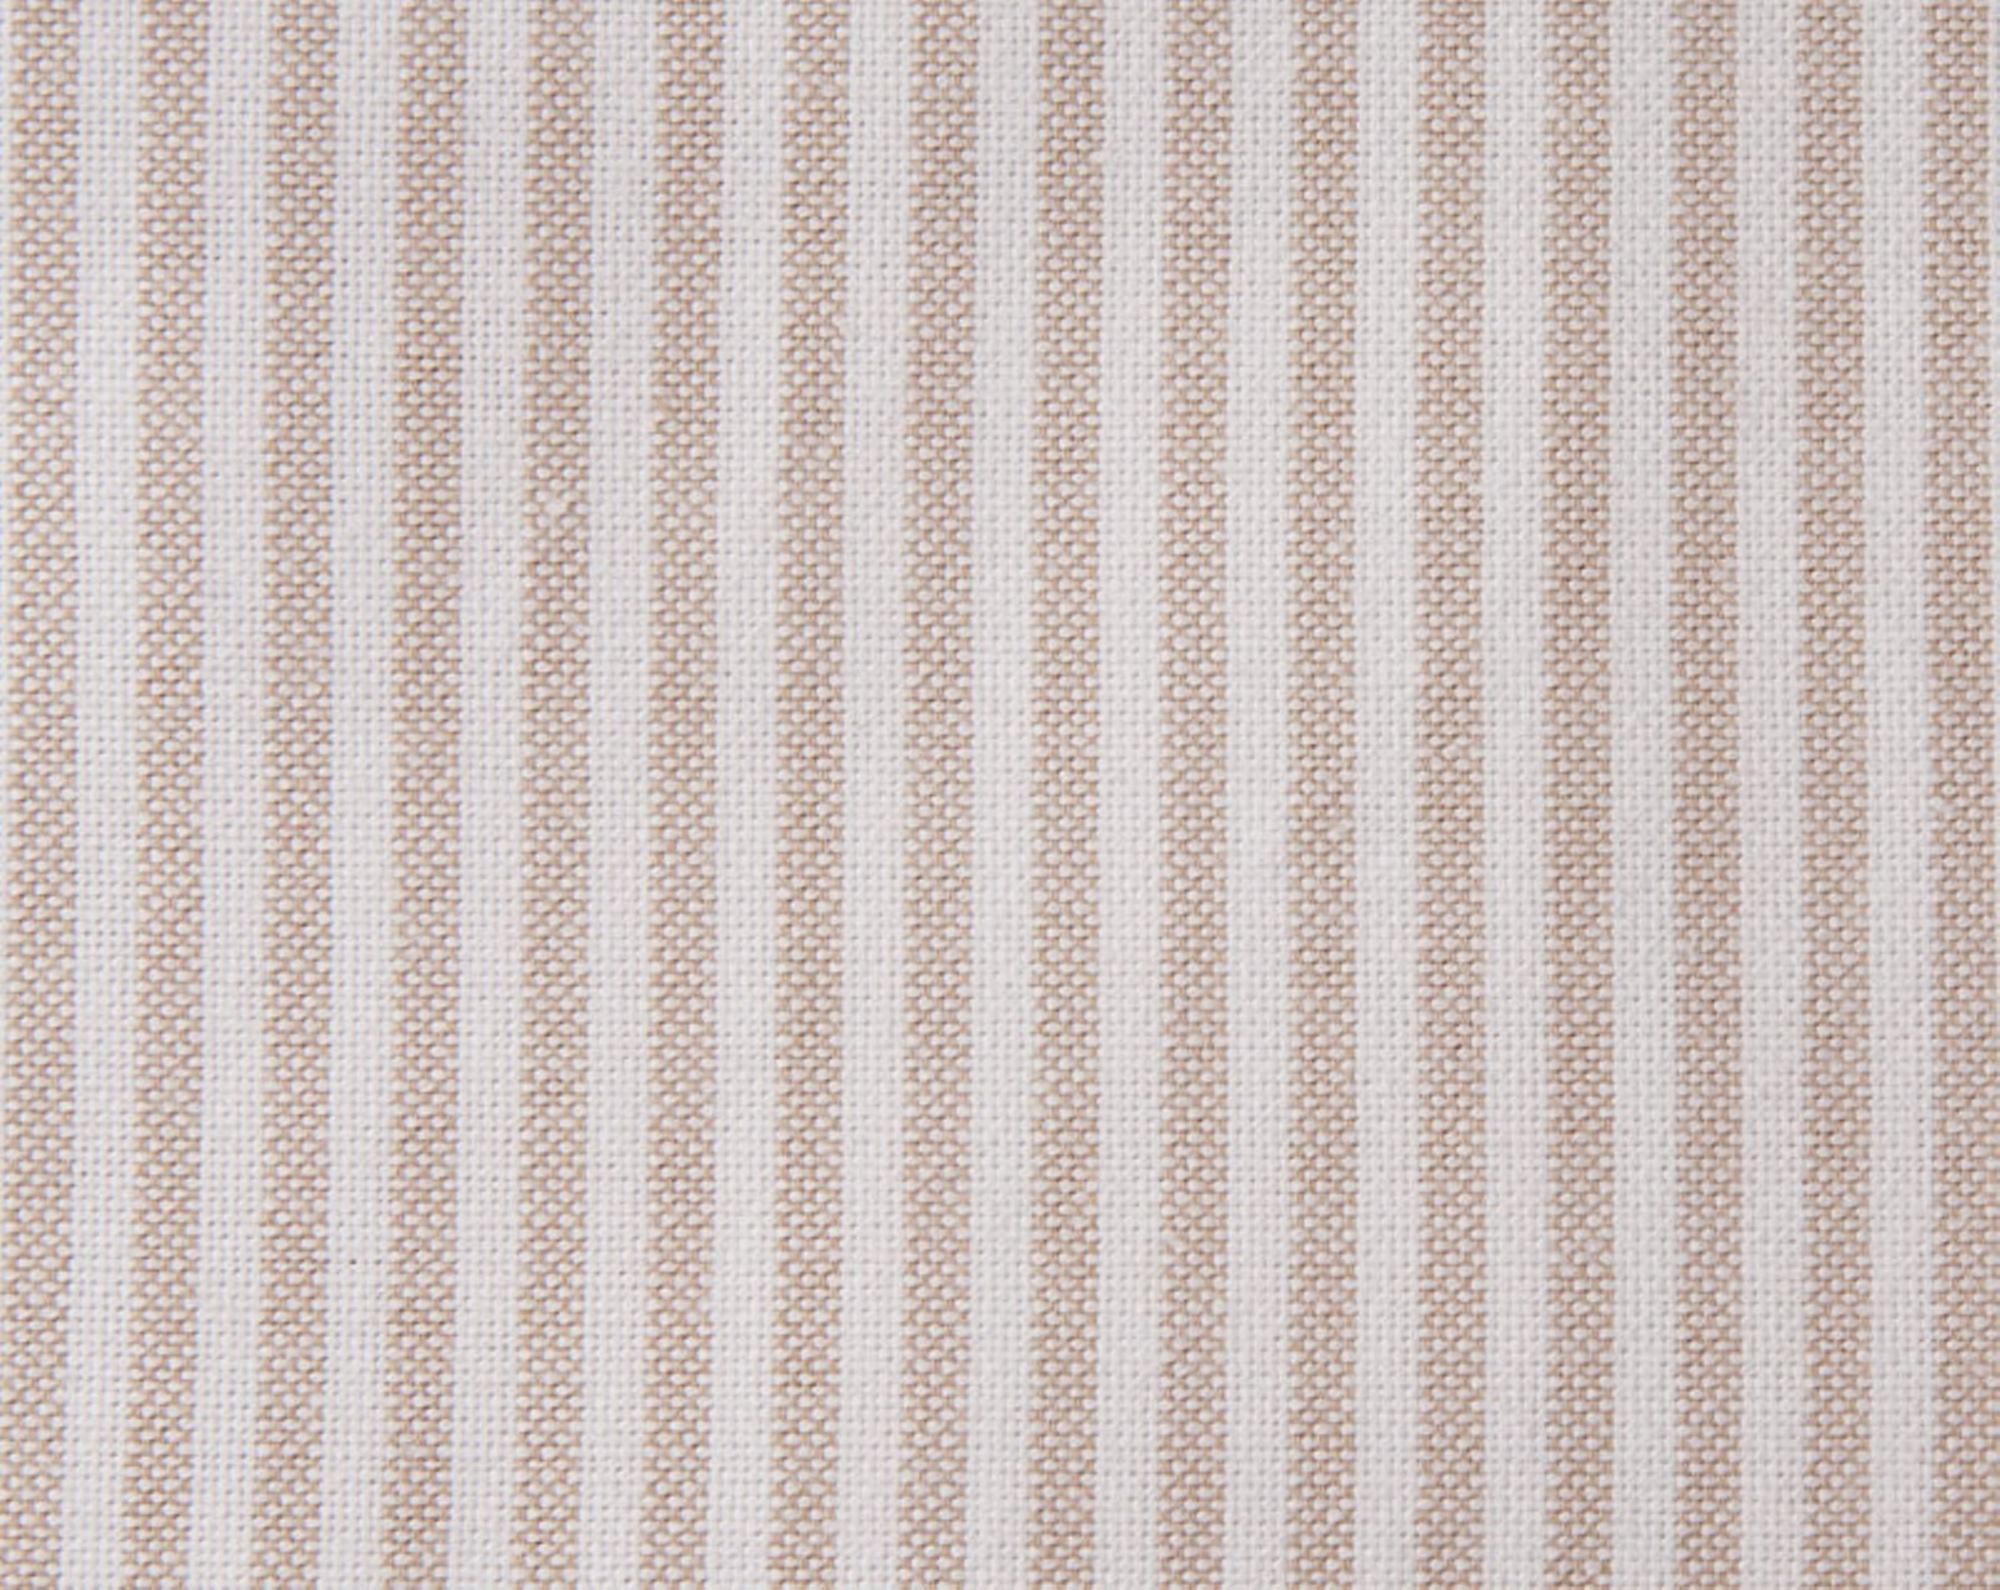 Pin Point Duvet, Beige/White